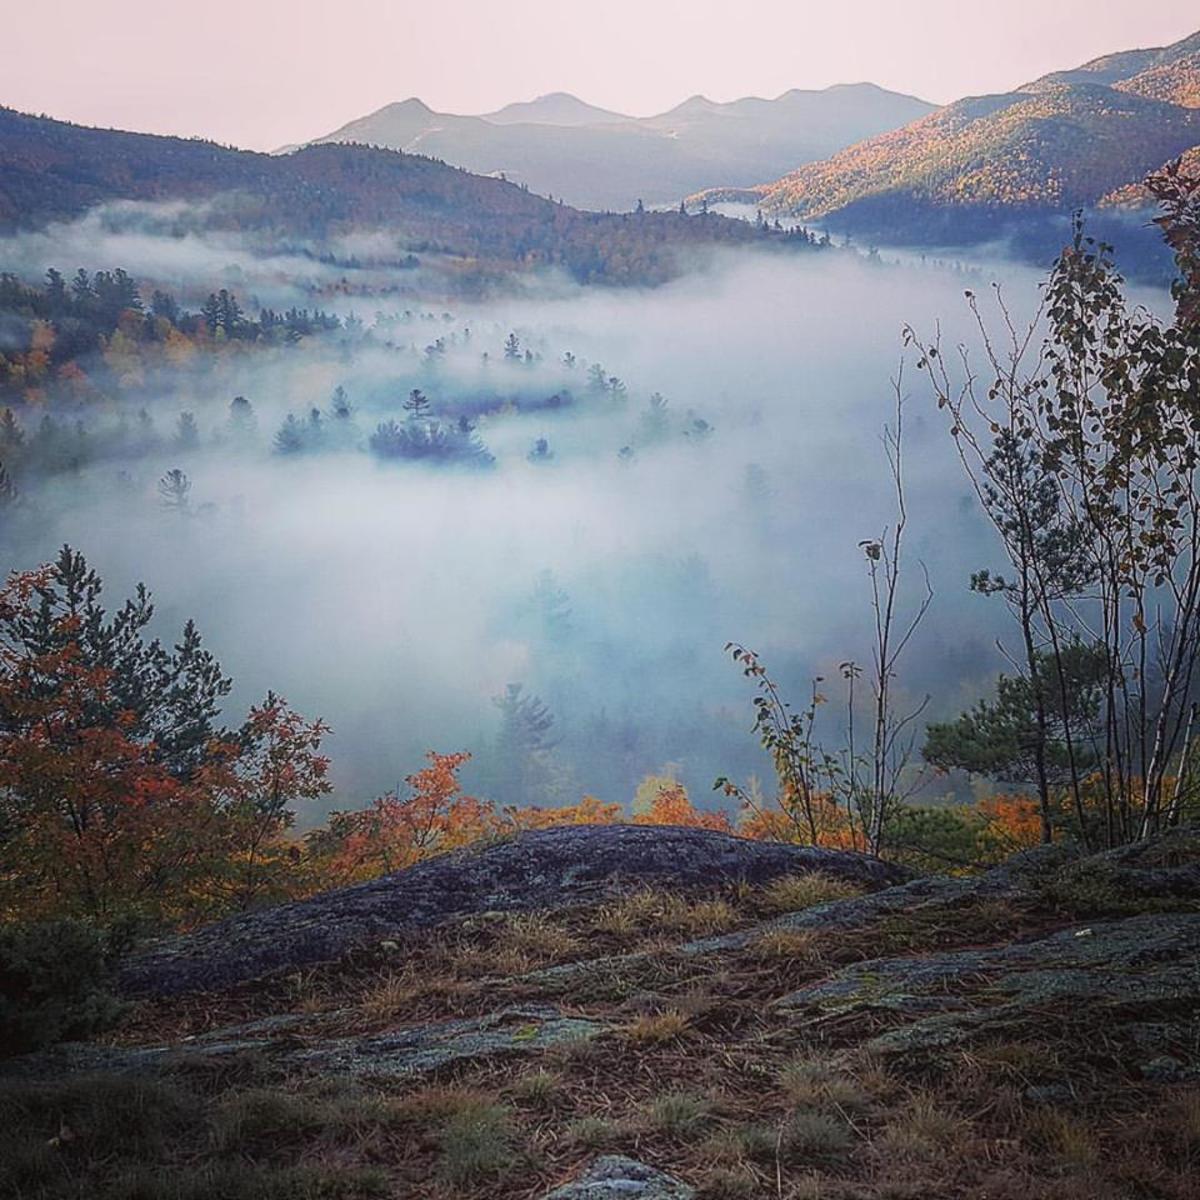 """""""Oh misty eye of the mountain below...."""""""